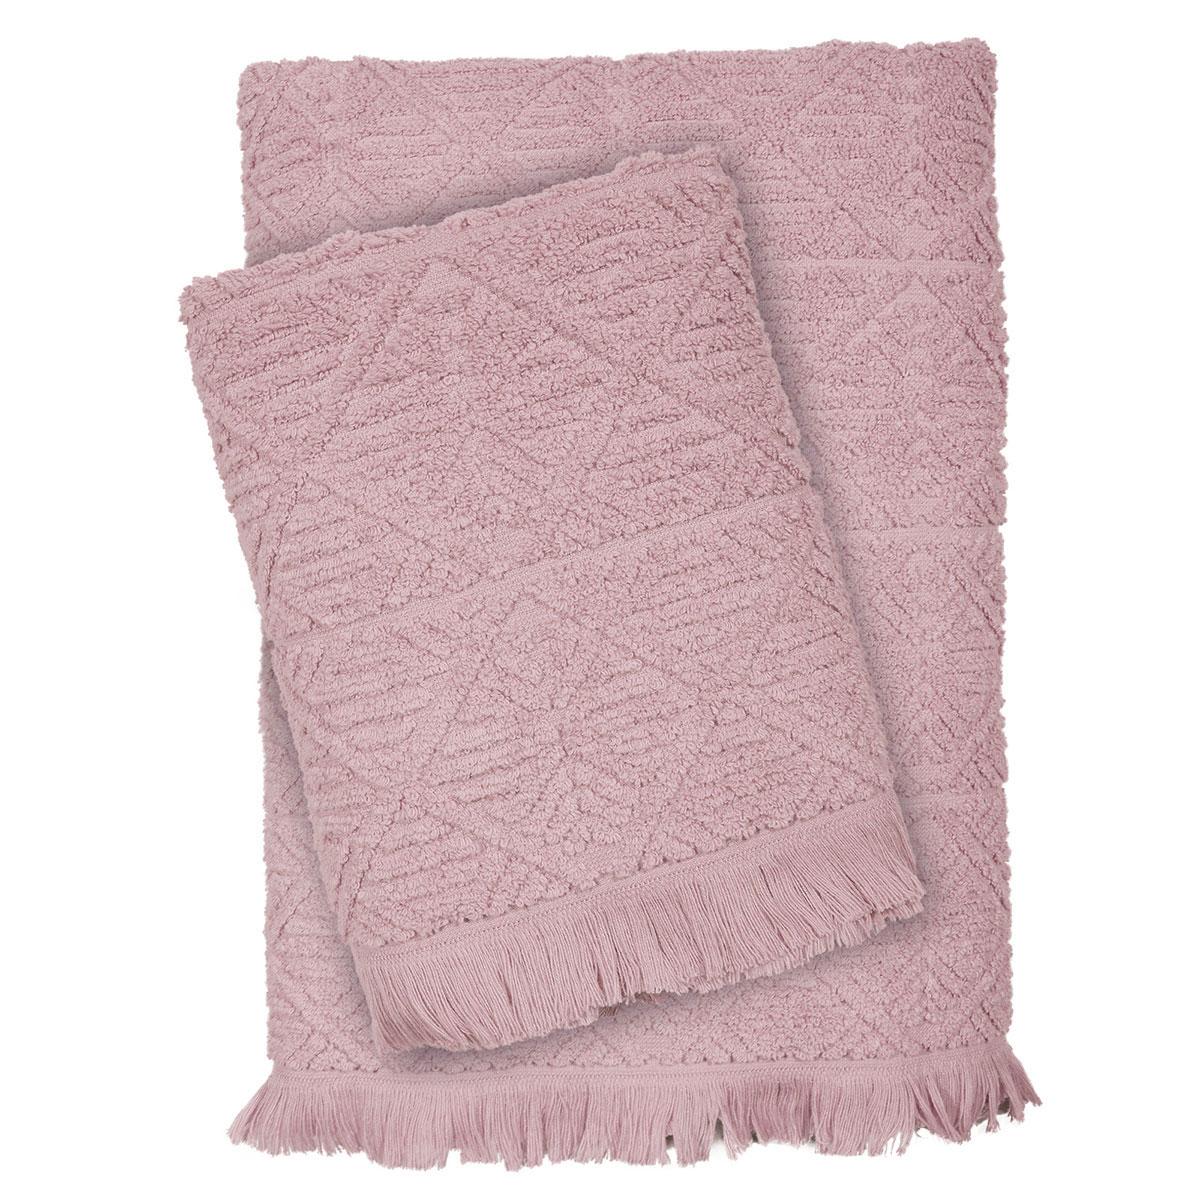 Πετσέτες Μπάνιου (Σετ 3τμχ) Das Home Happy Line 422 Pink